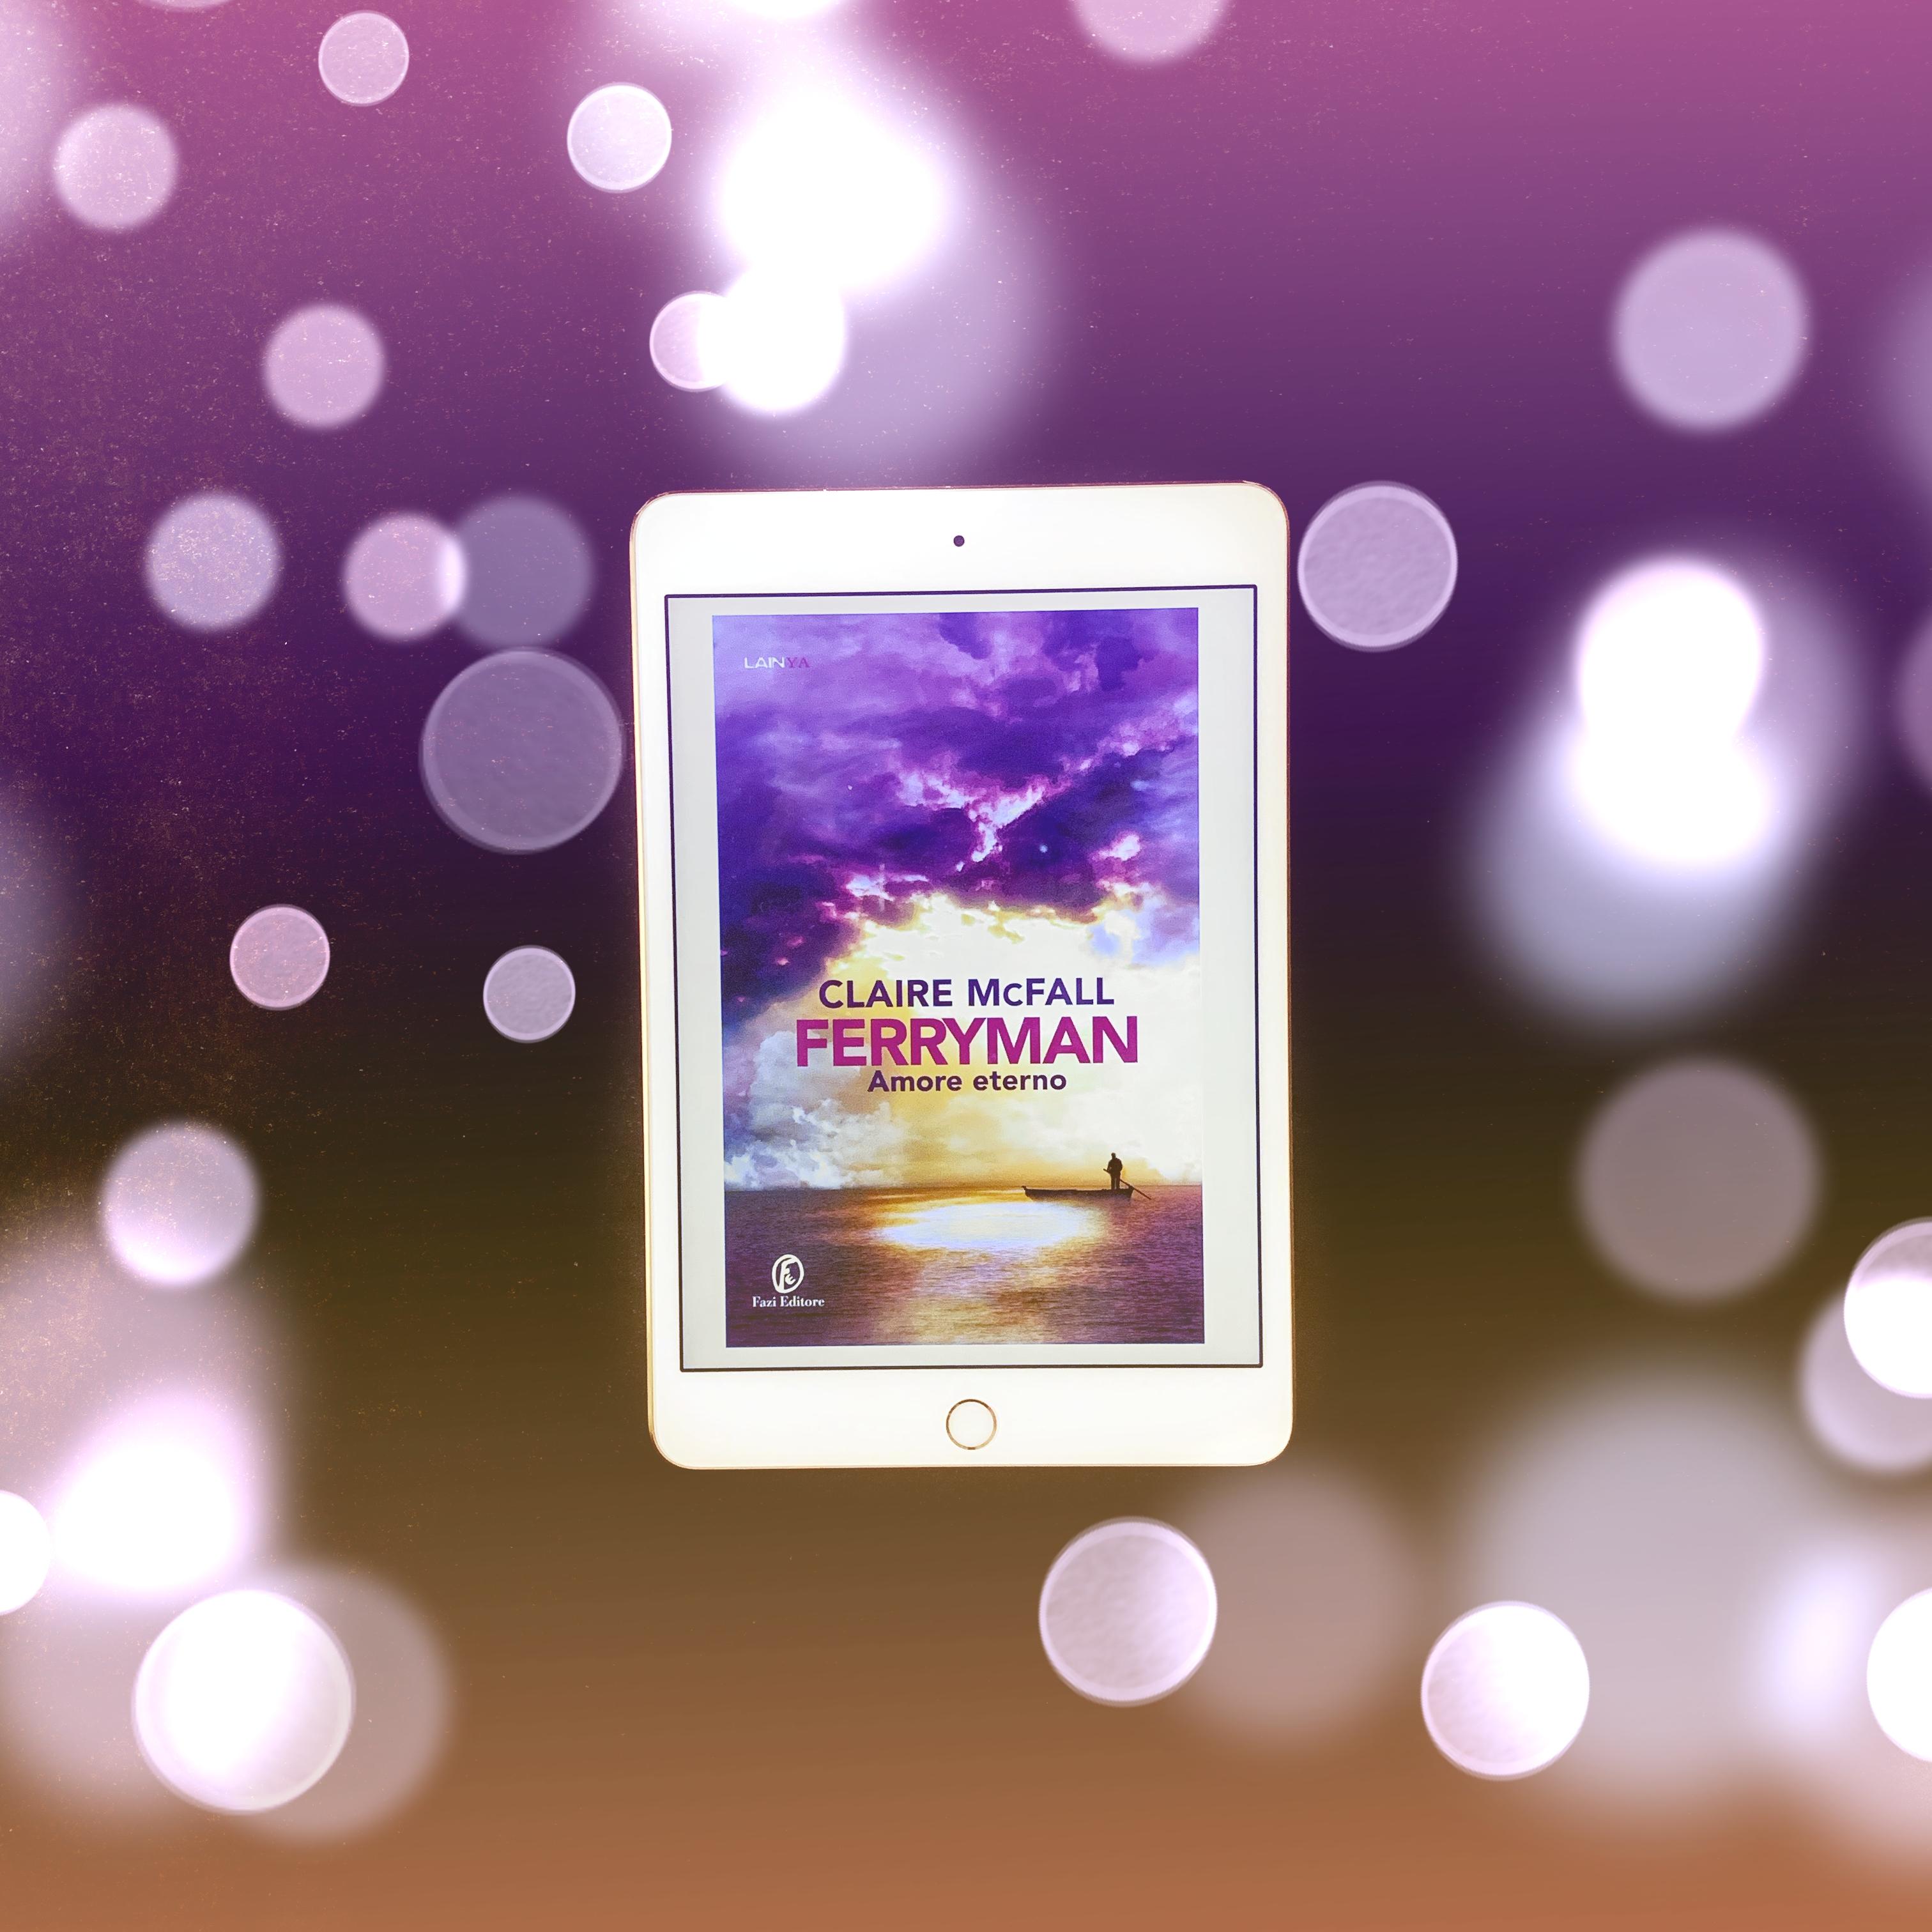 ferryman, Claire McFall, Fazi Editore, Caronte, mitologia, amore, istalove, inferno, morte, paradiso, amore eterno, storia d'amore